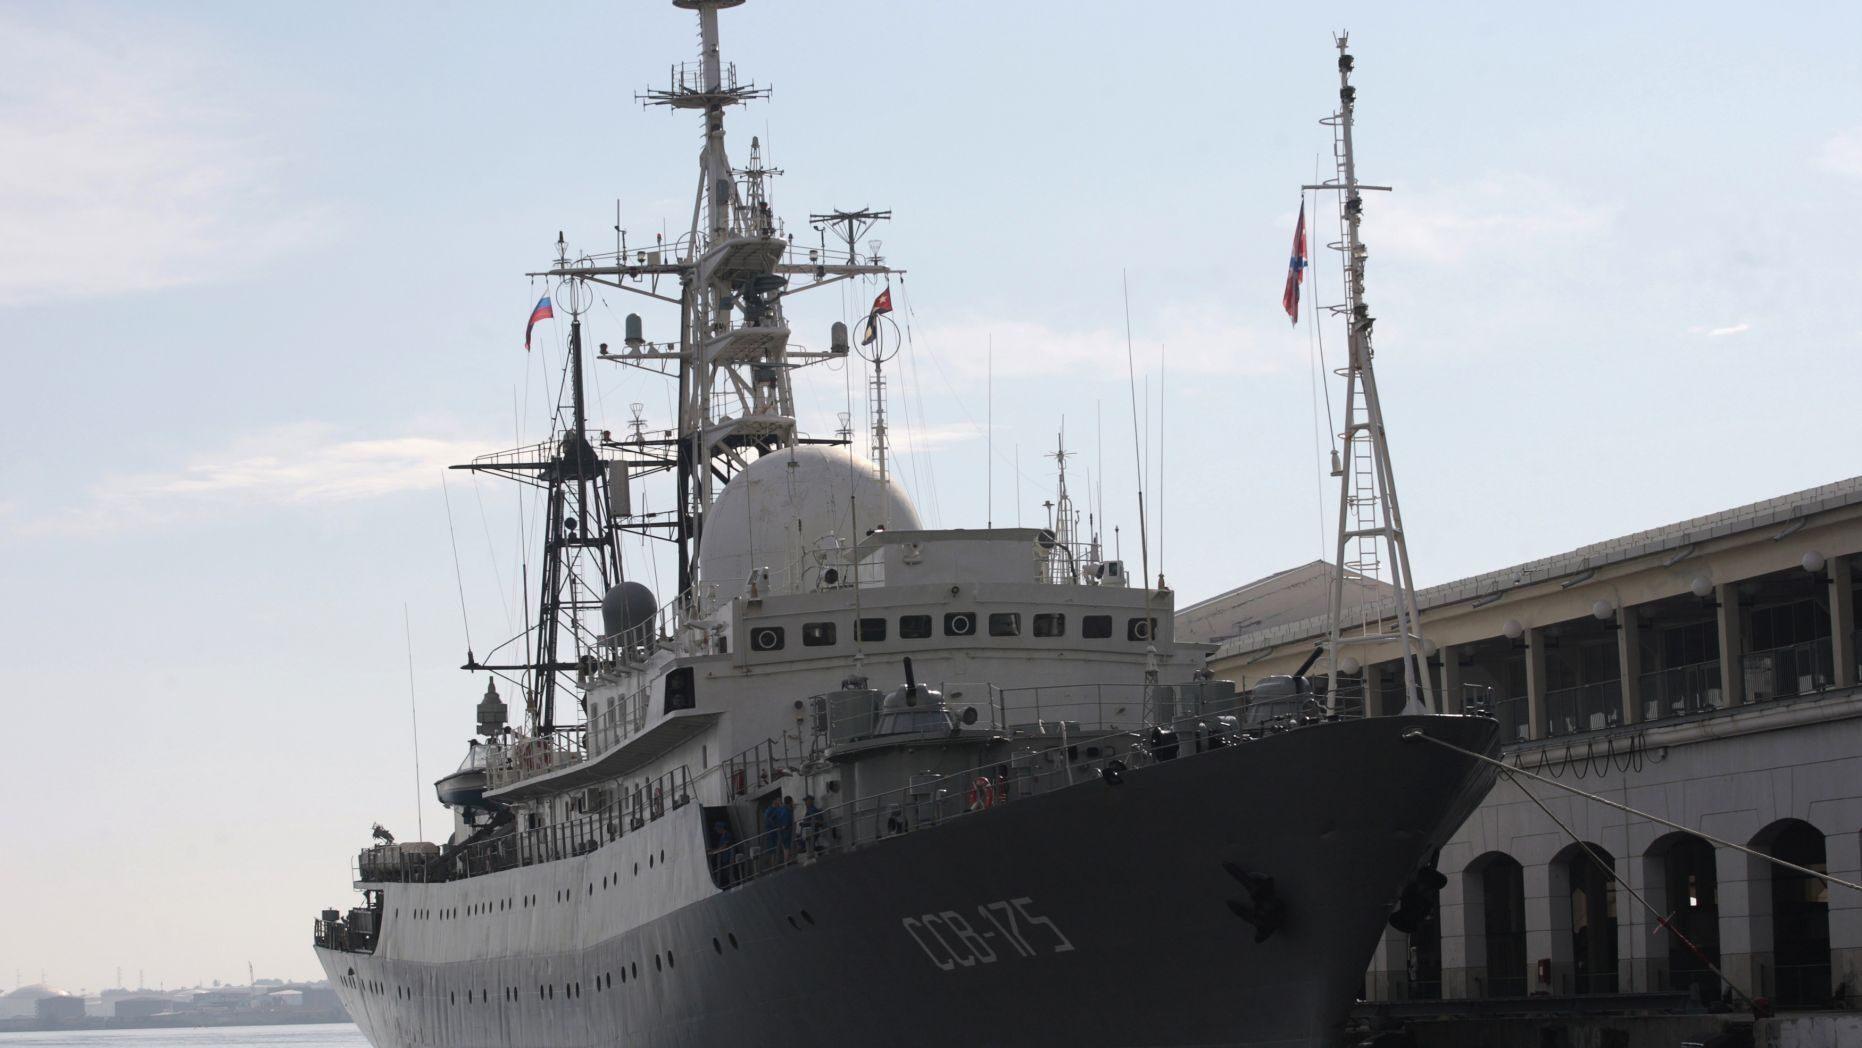 The Russian spy ship Viktor Leonov in 2014